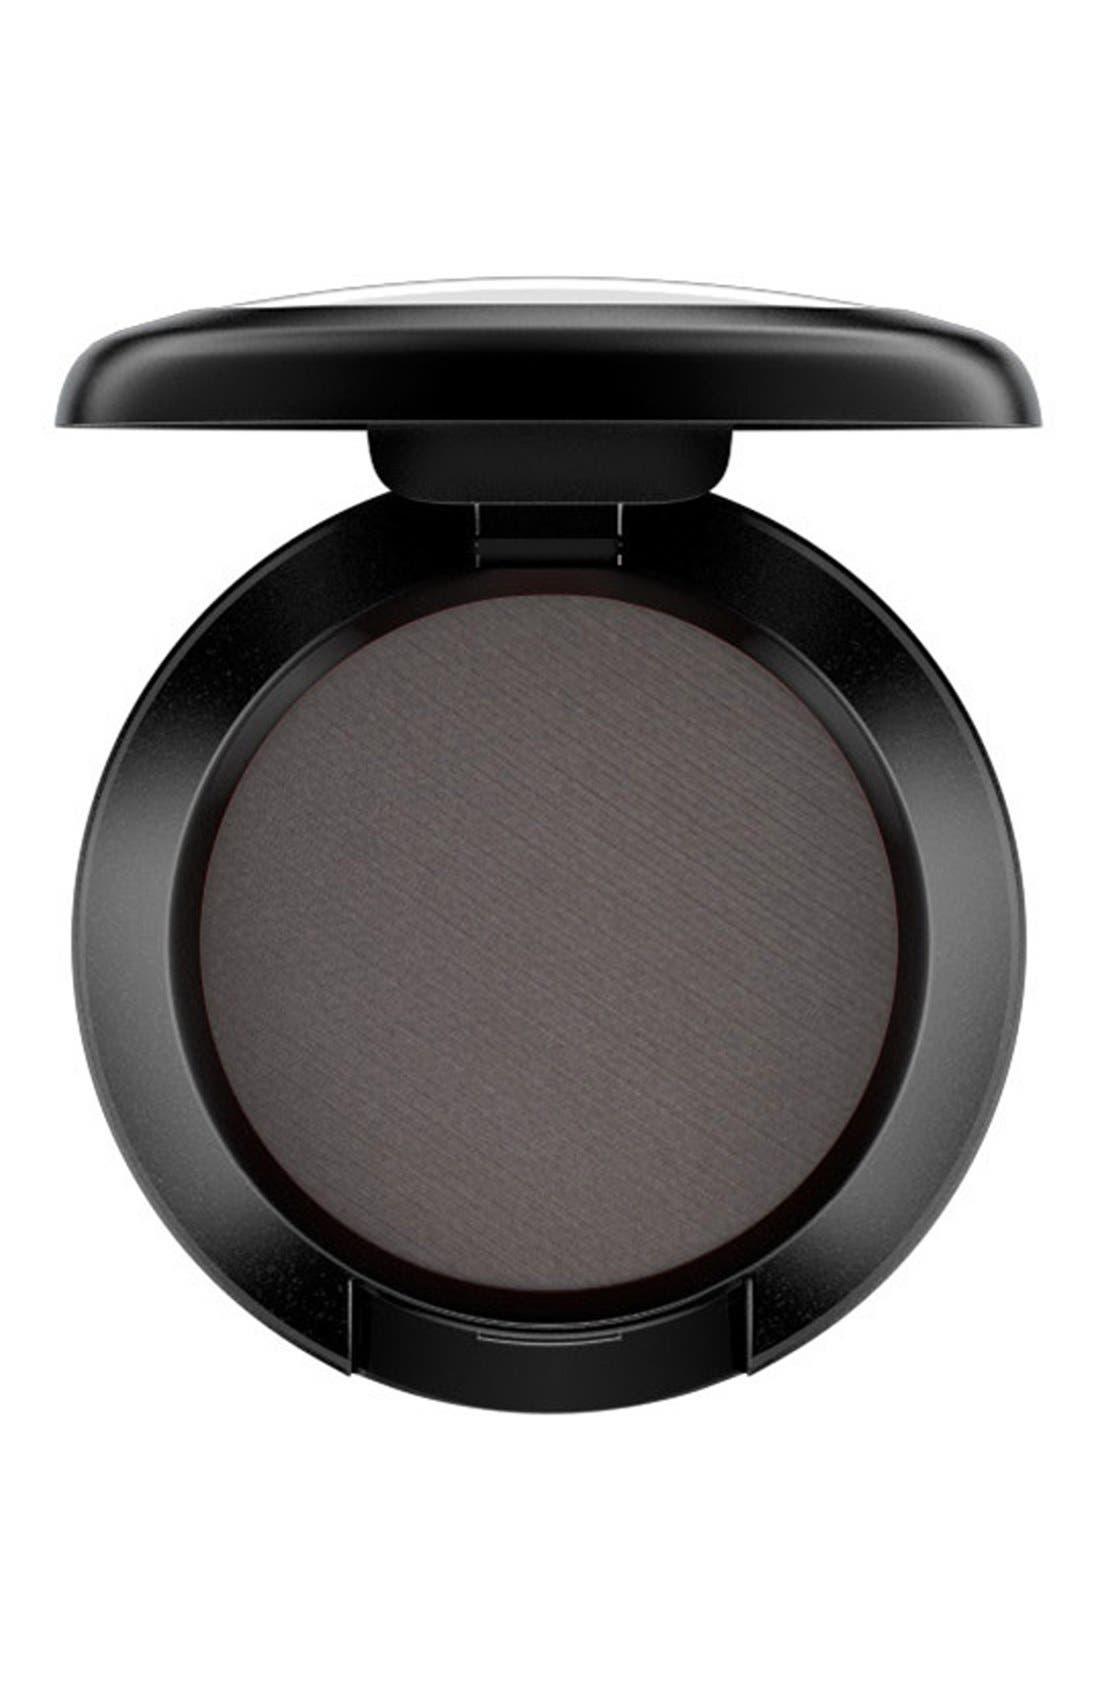 MAC Grey/Black Eyeshadow